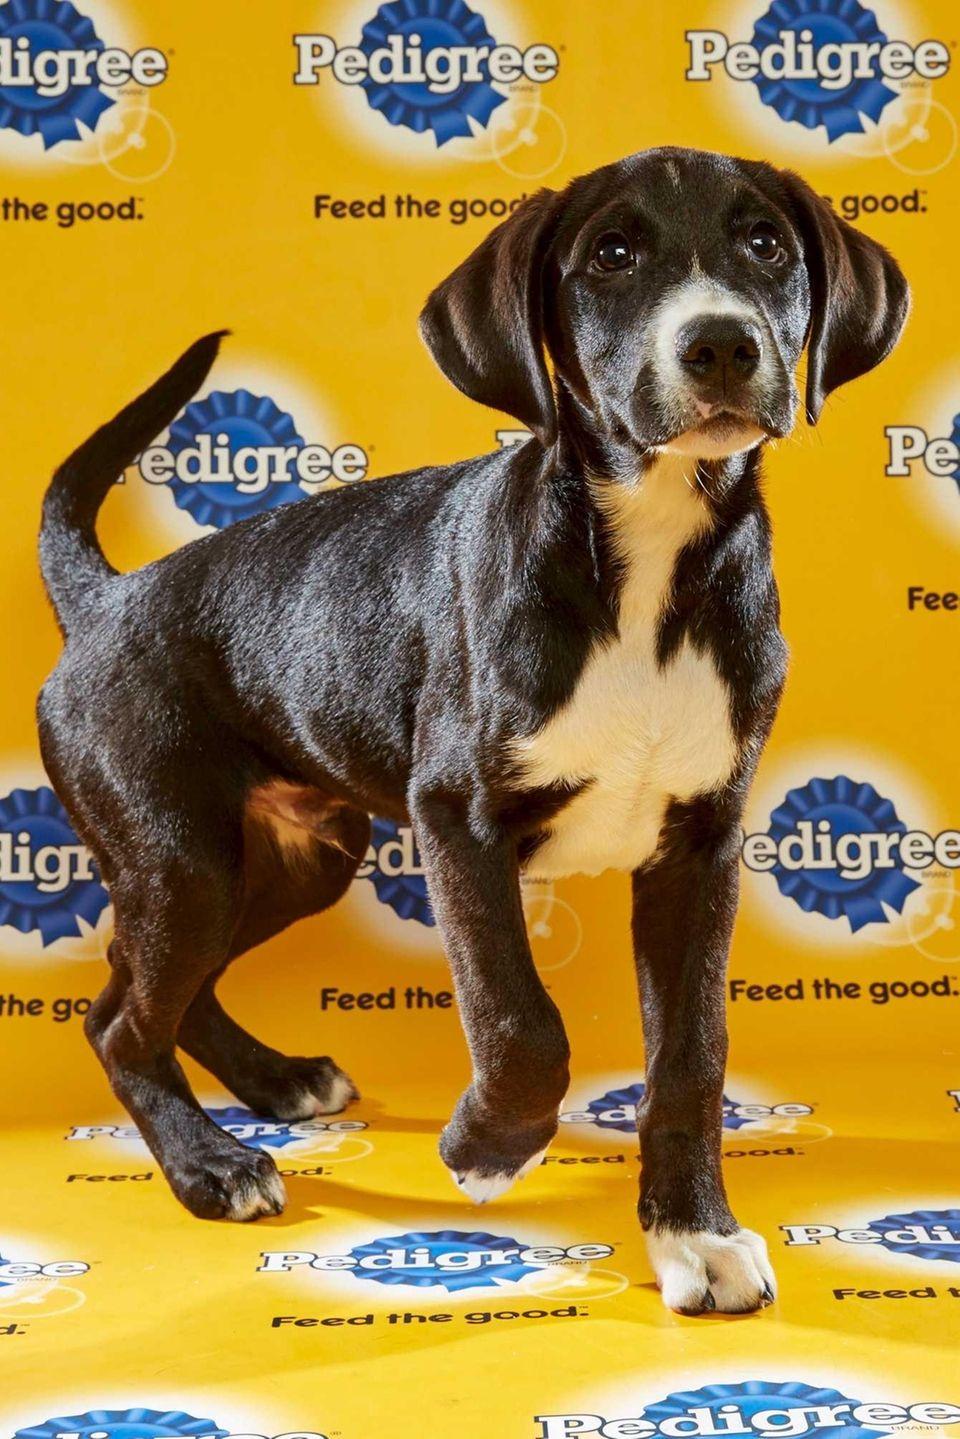 Marley (Team Ruff) is a 14-week-old female Labrador